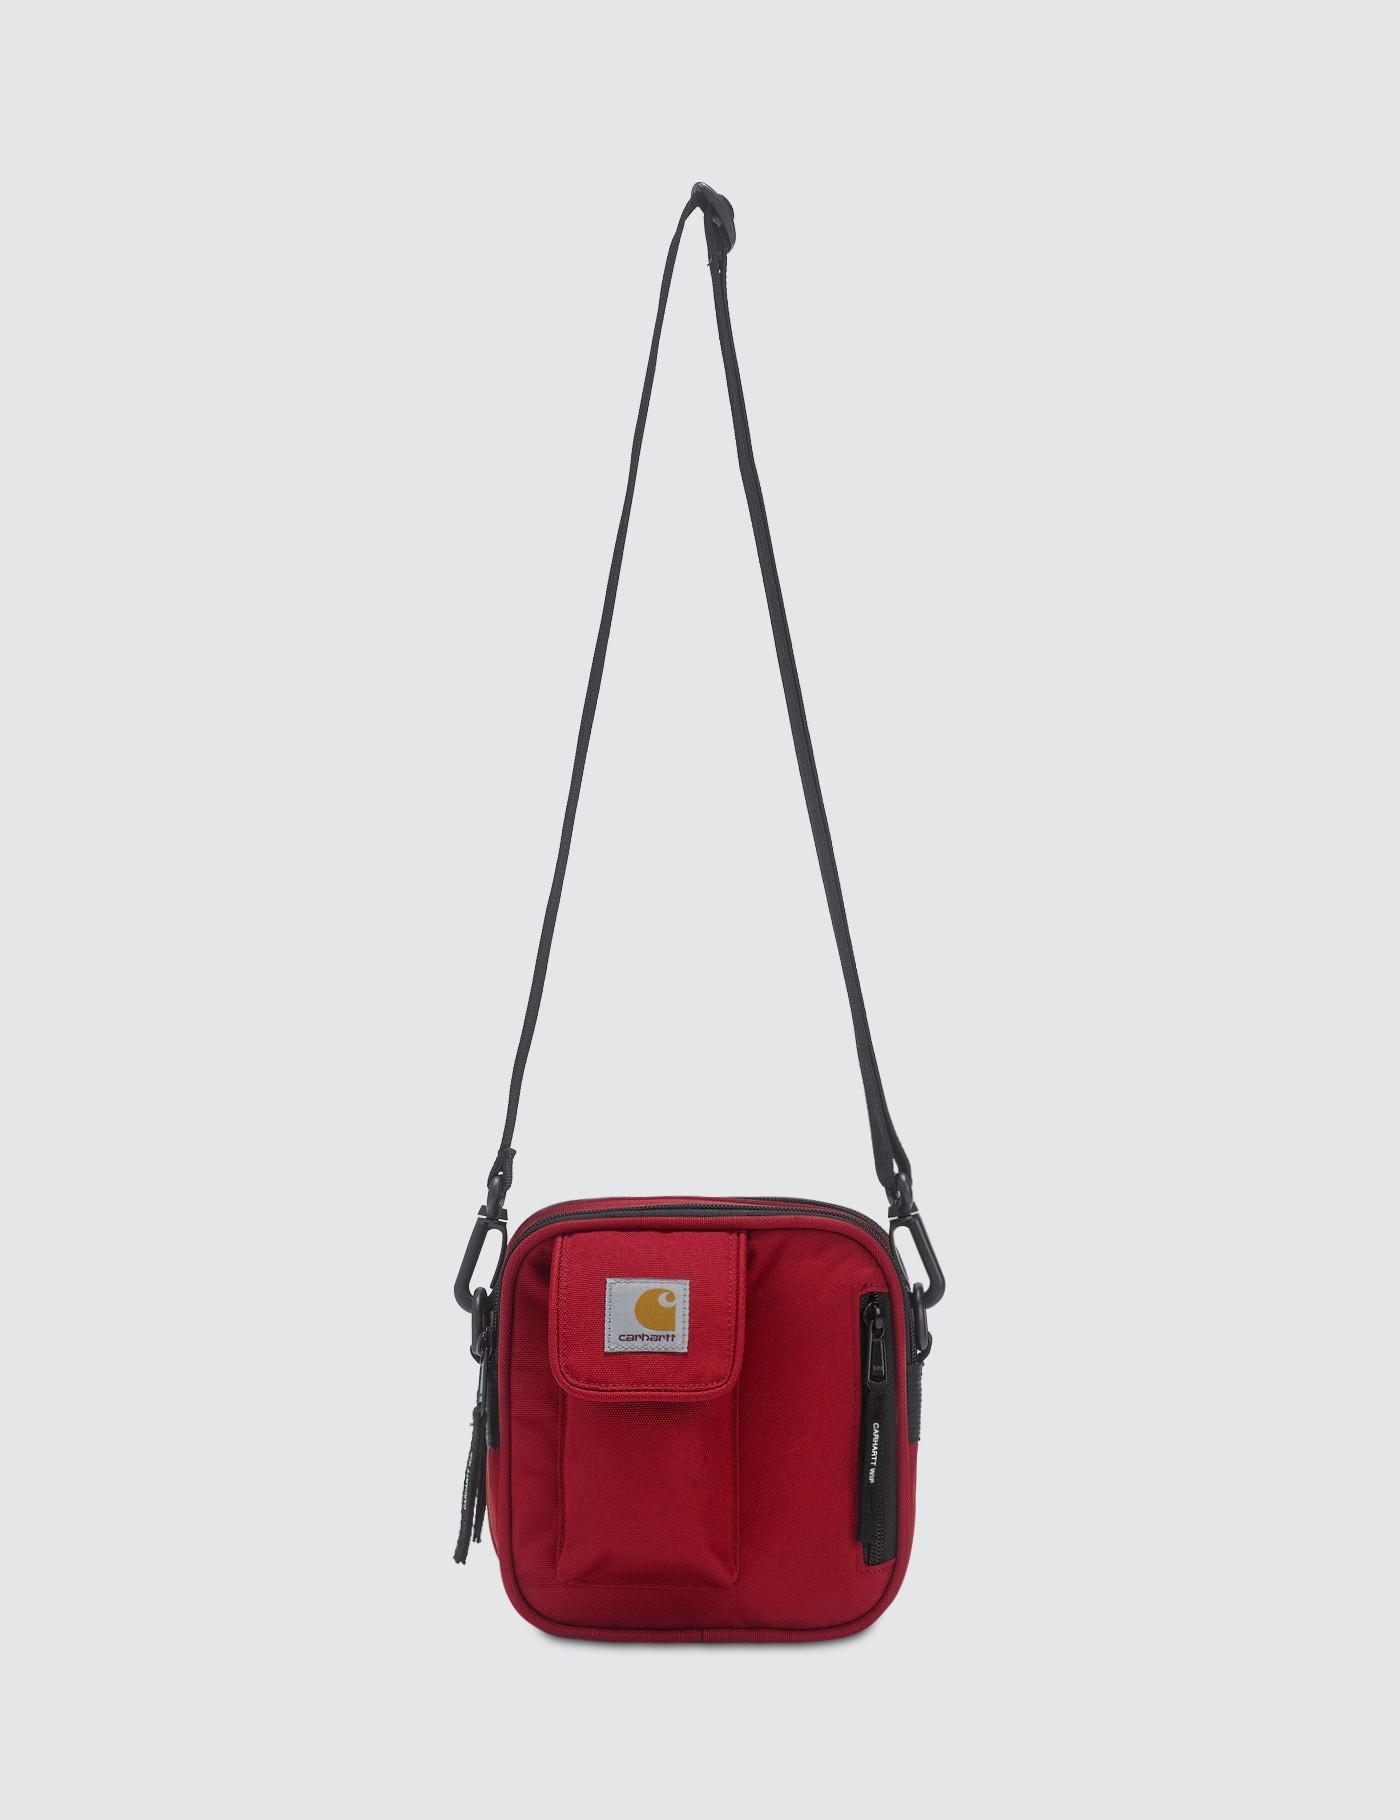 Carhartt WIP - Red Essentials Bag Small for Men - Lyst. View fullscreen 7296ad6ea4d5f